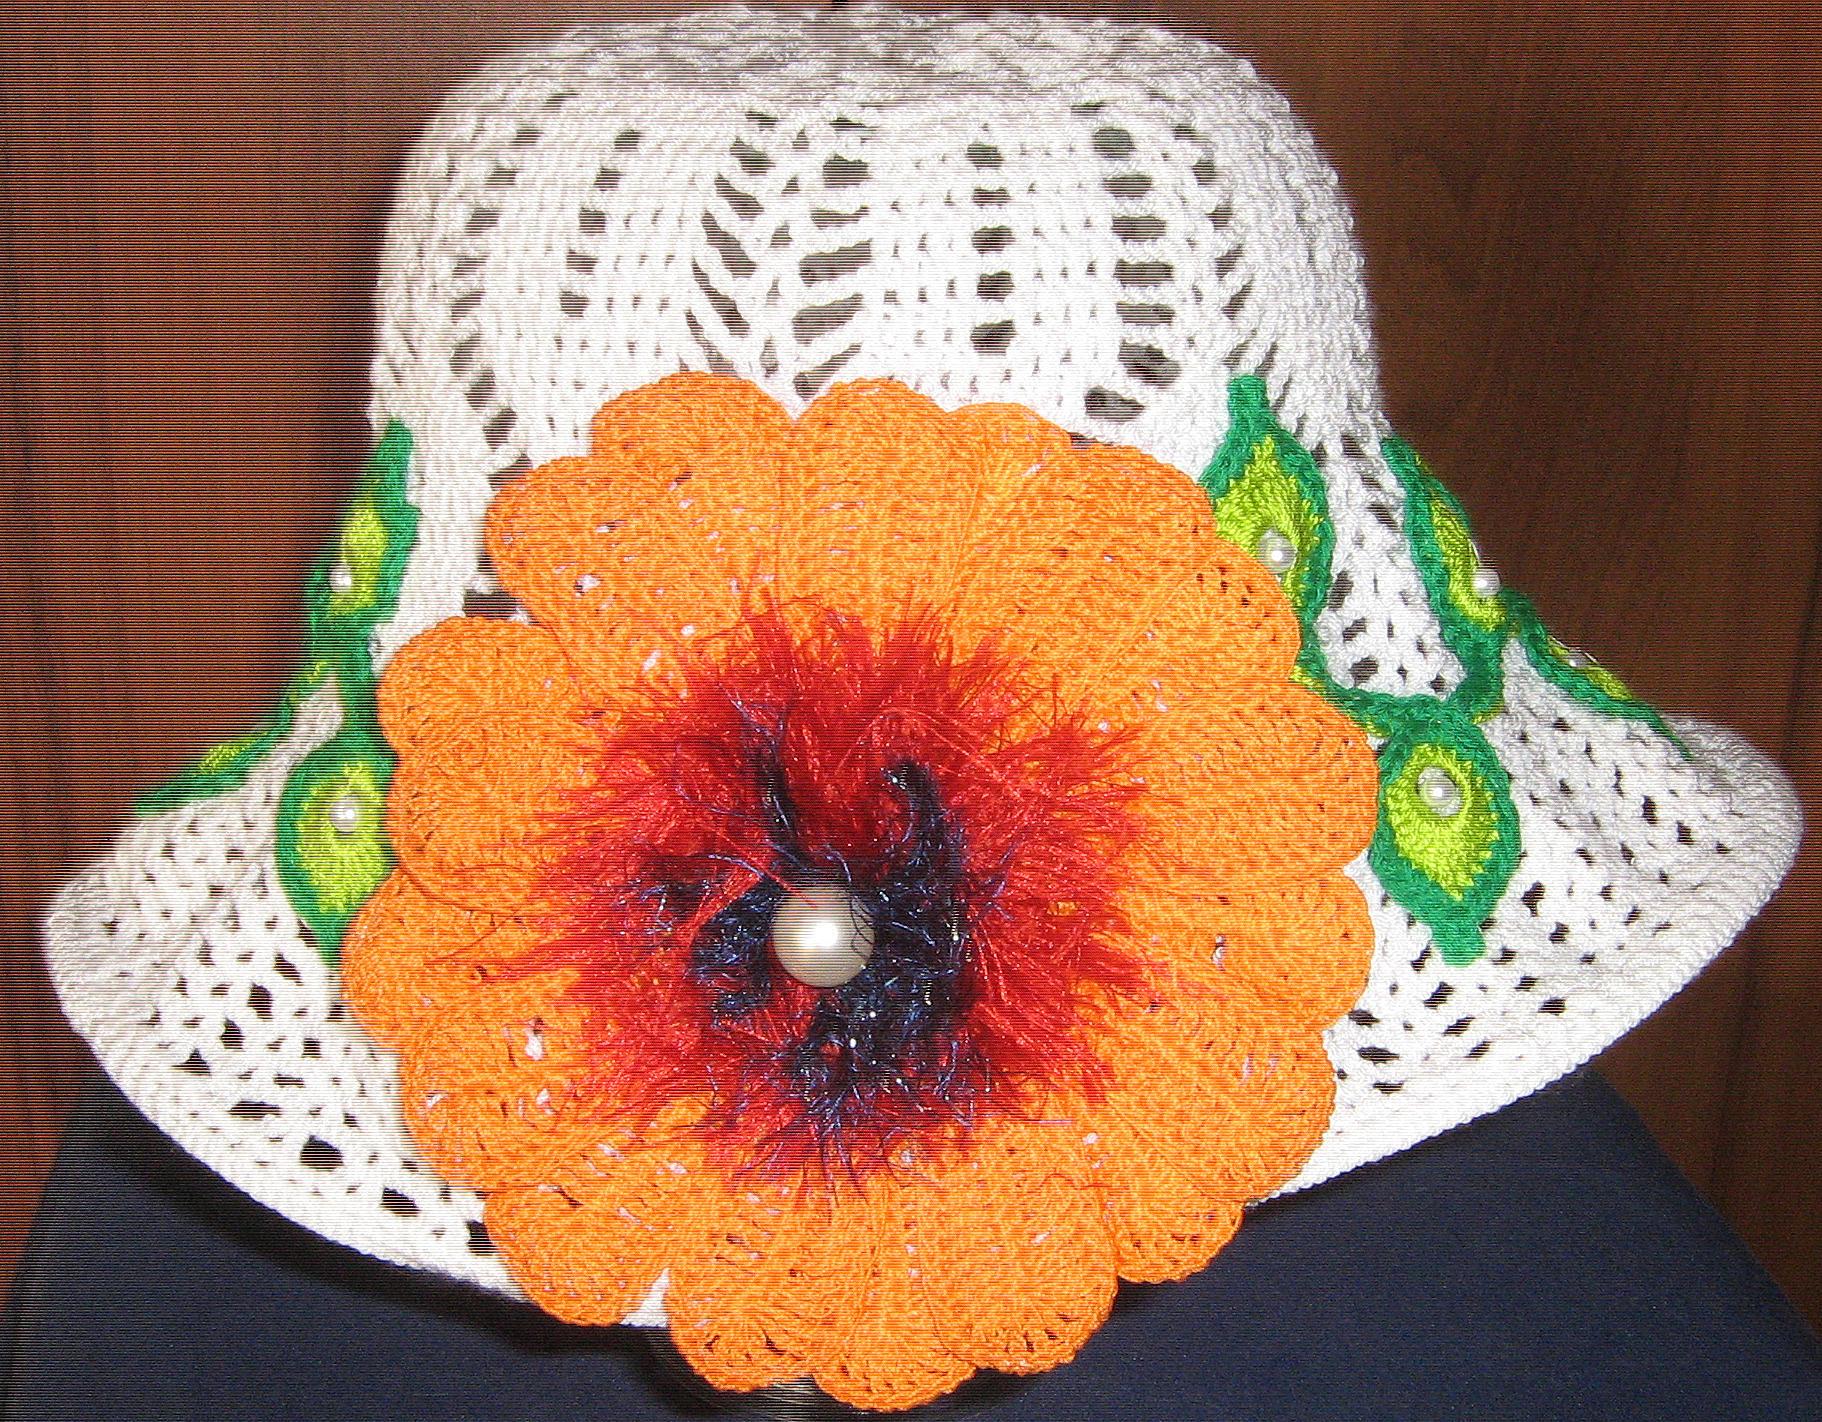 Шляпки вязаные ажурные сделано своими руками